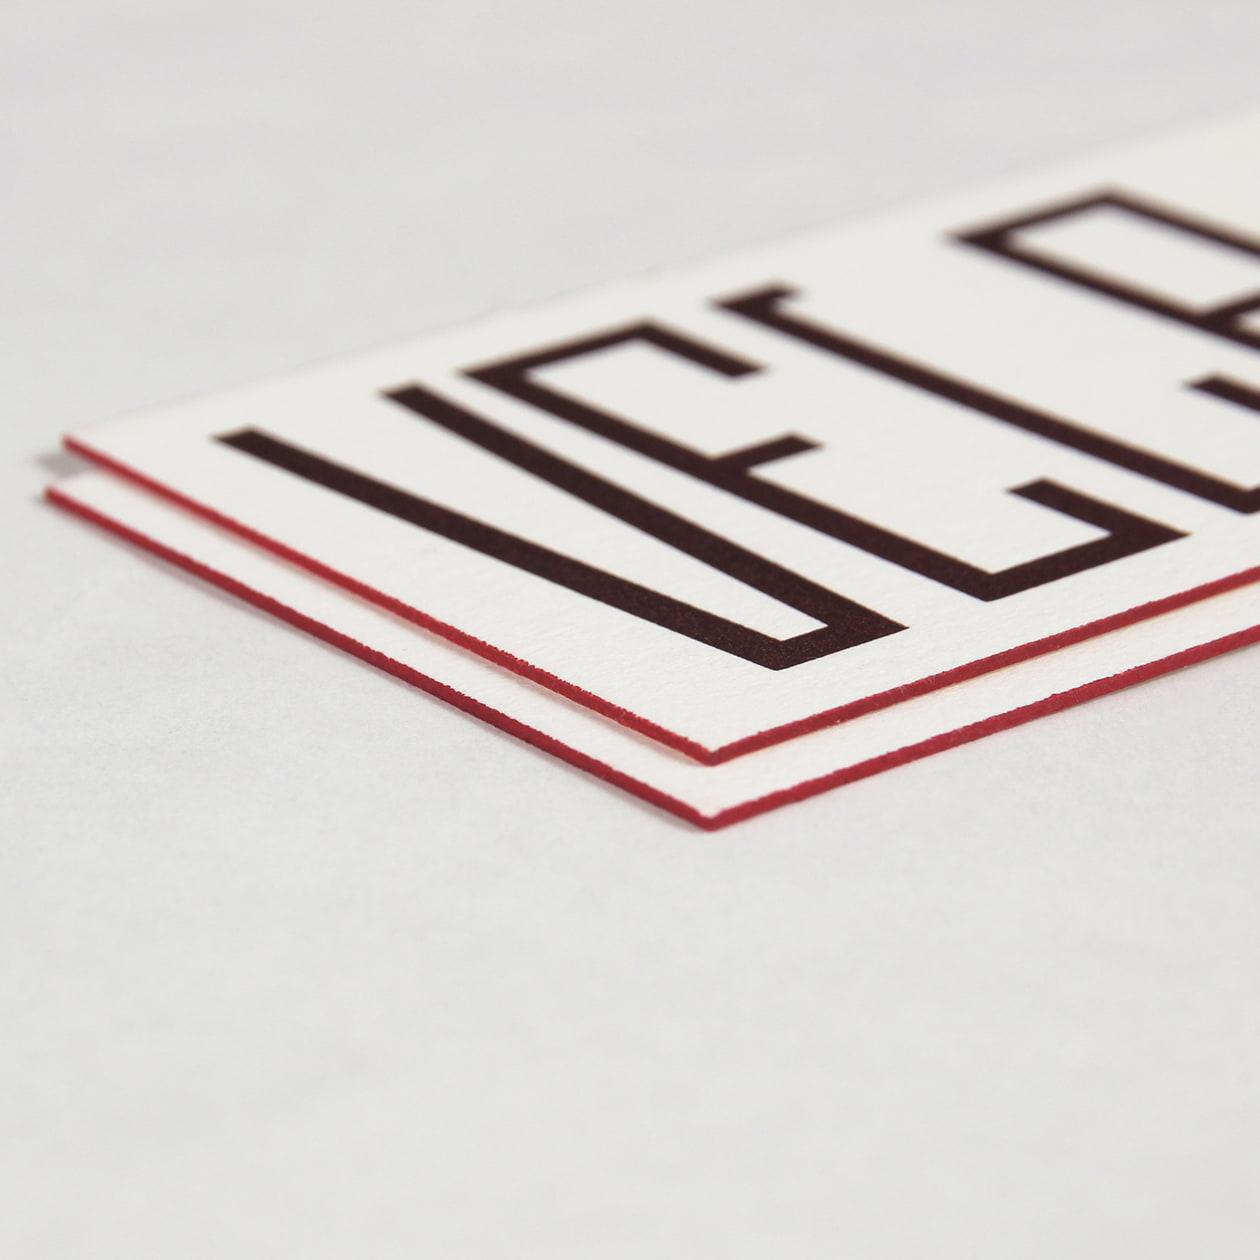 サンプル カード(タグ)00479